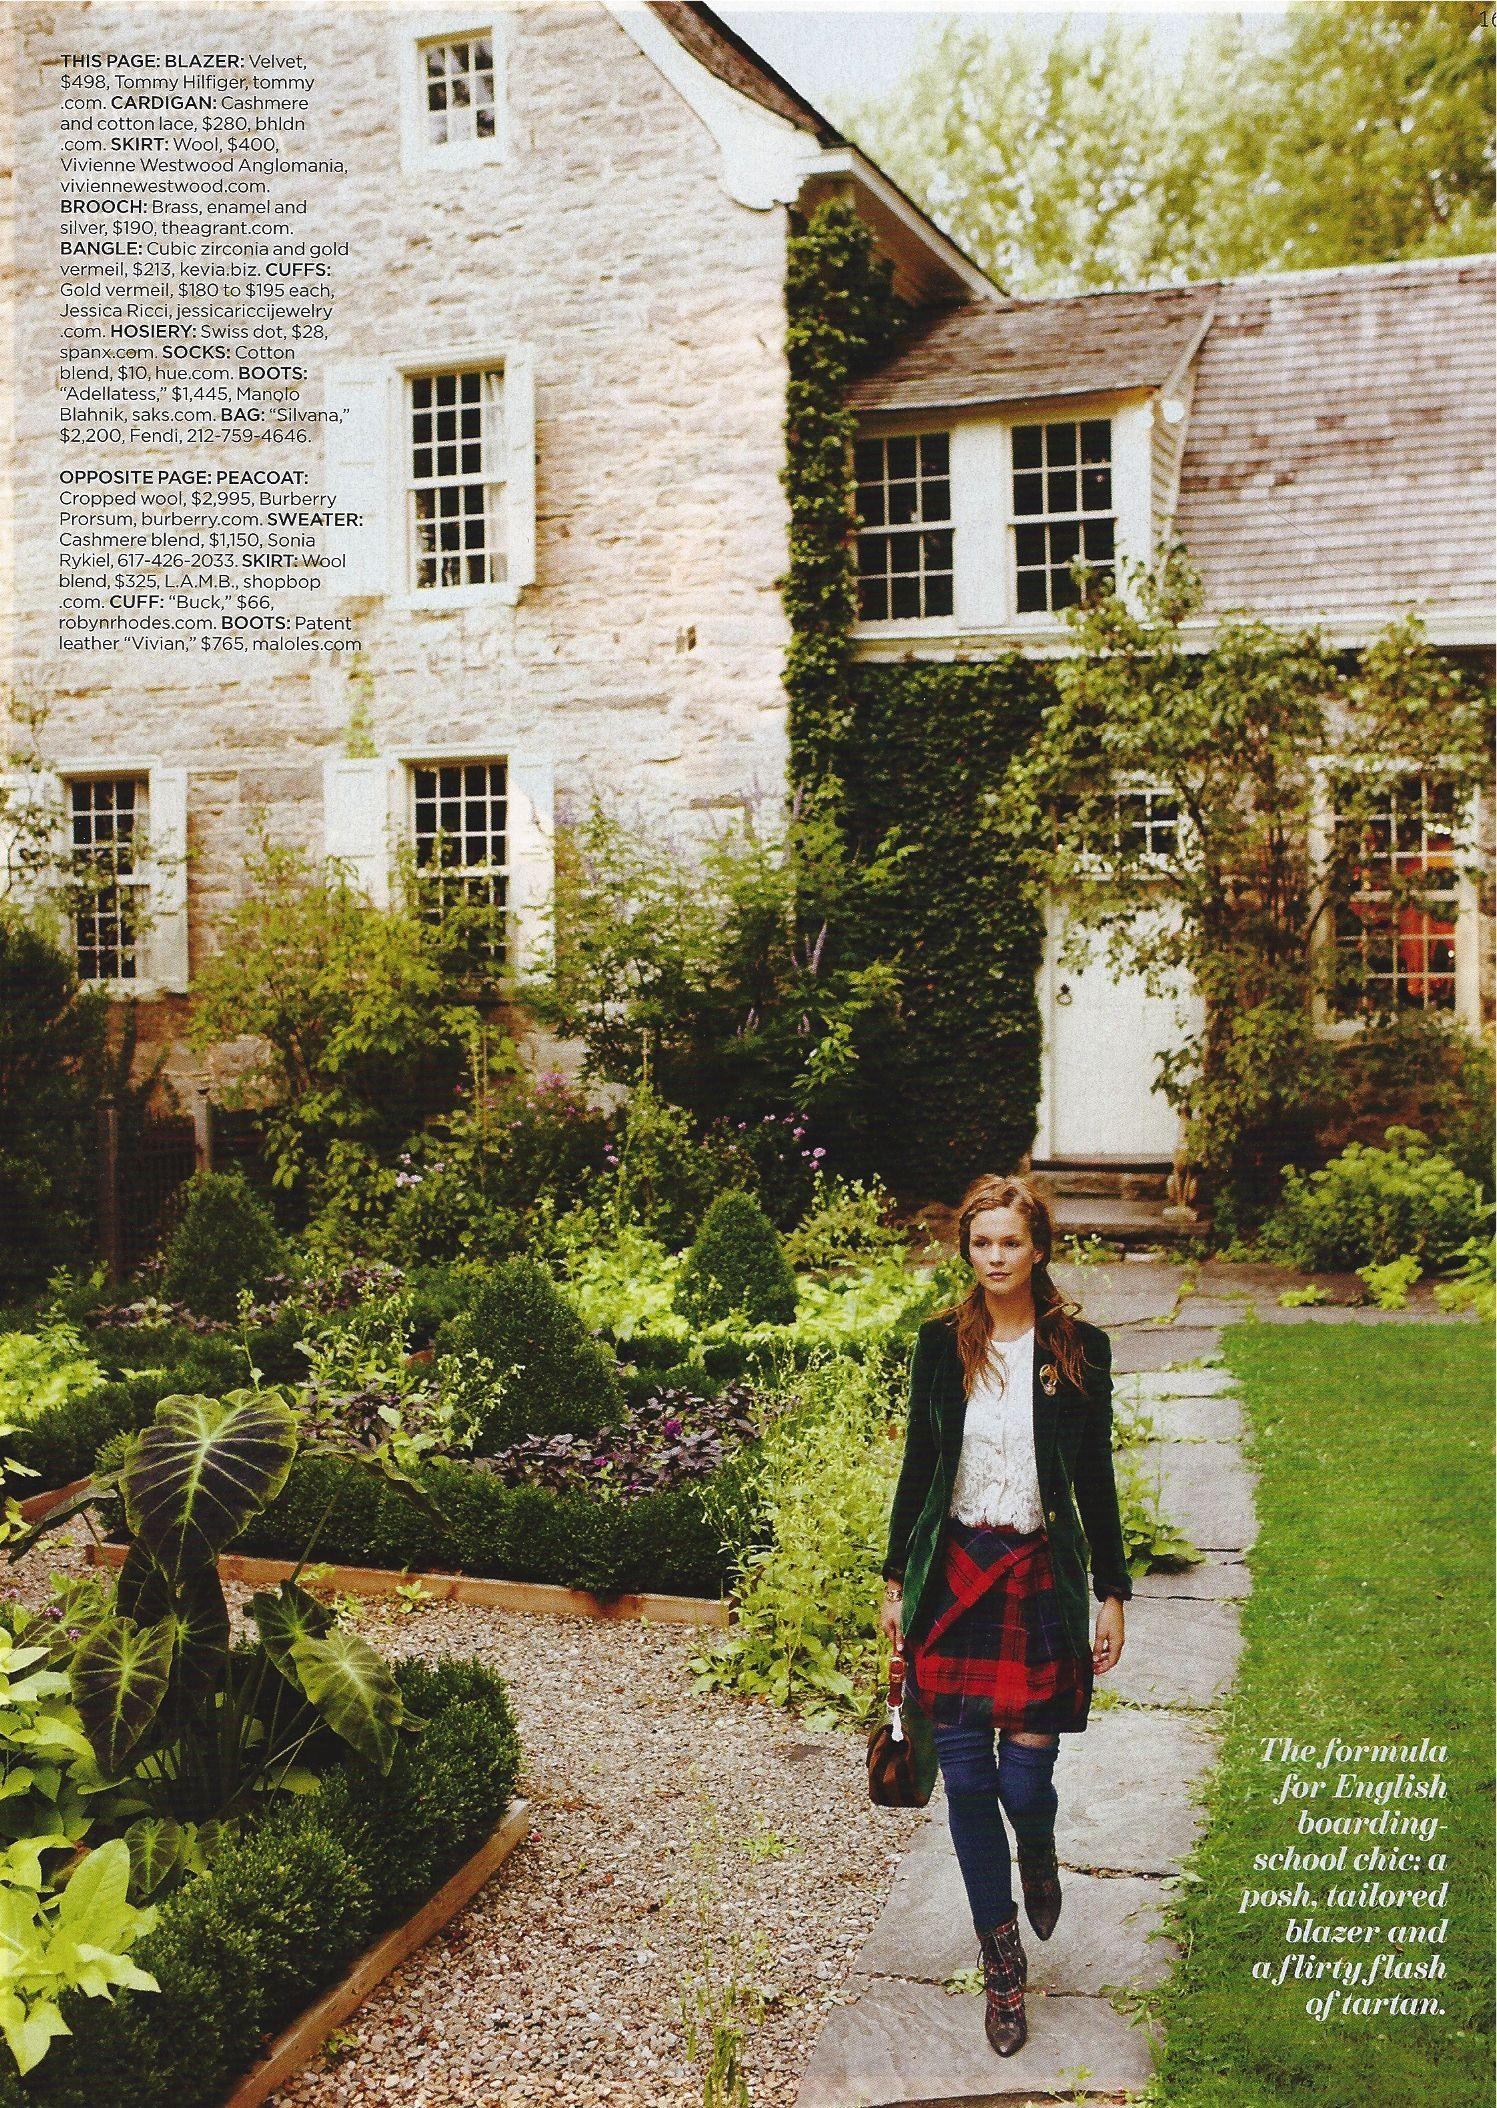 english scottish chic - long blue stockings, red plaid skirt, green velvet blazer